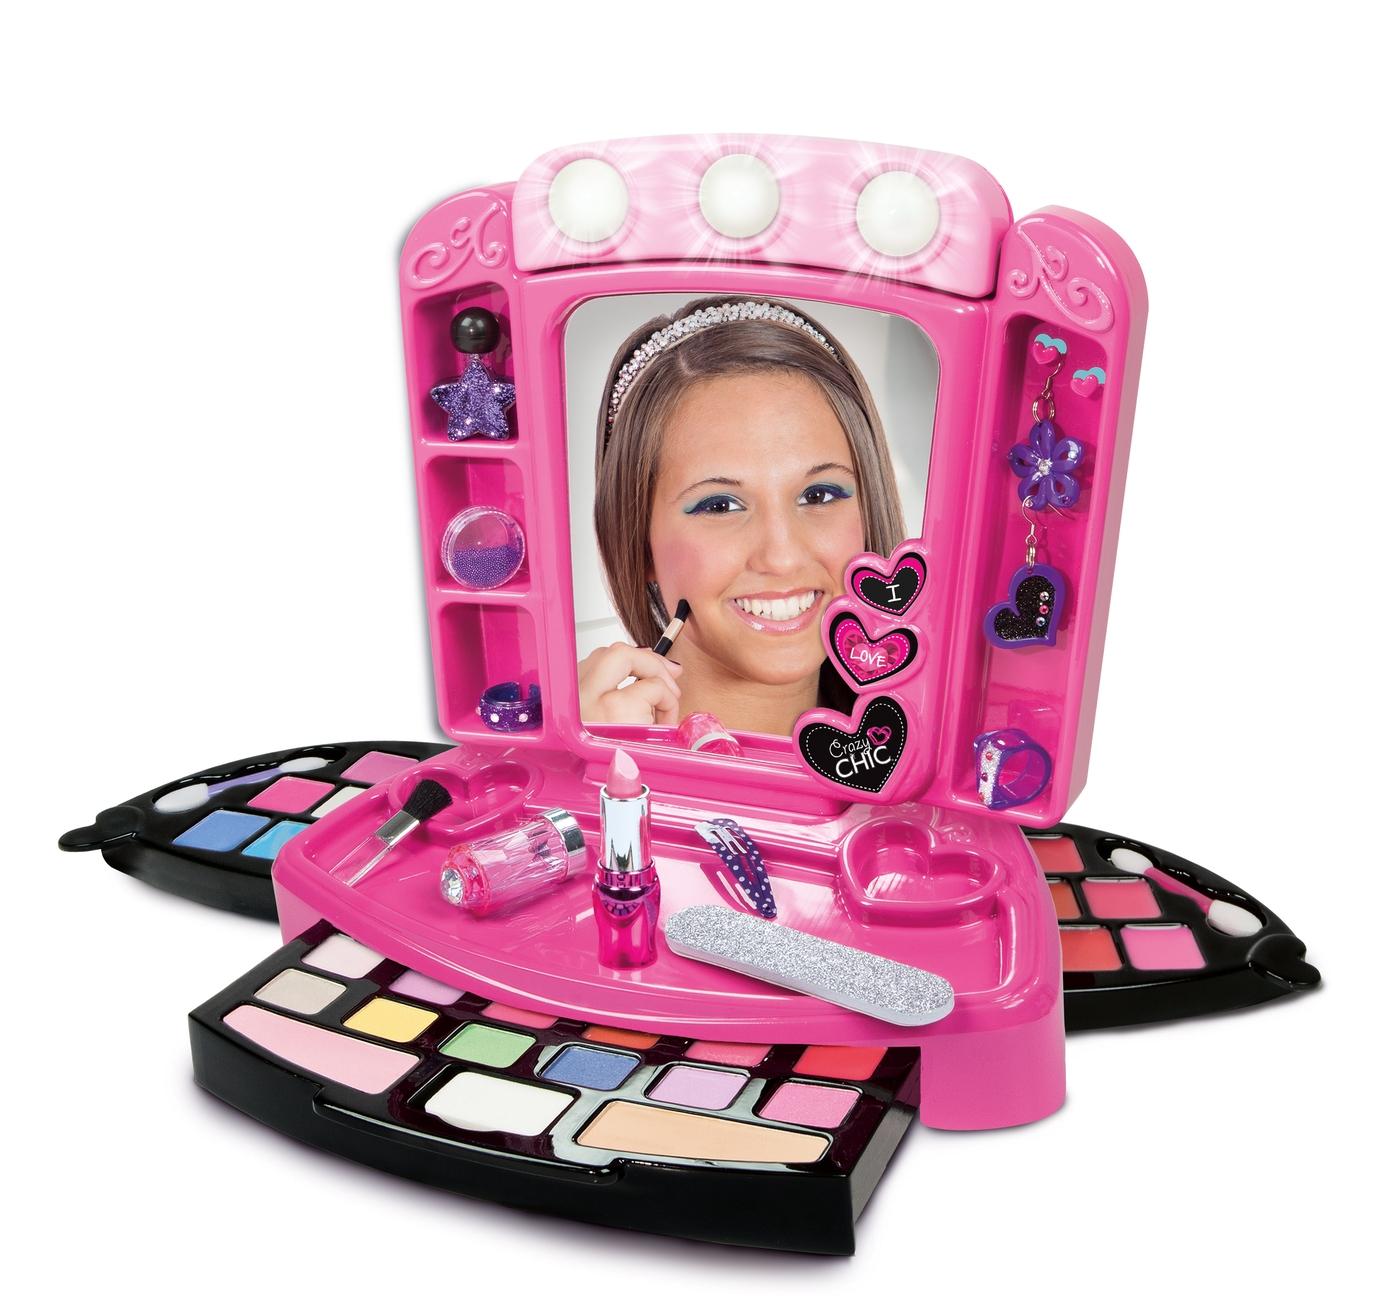 CLEMENTONI Crazy Chic sada kosmetika make up líčení líčící paletka kufřík